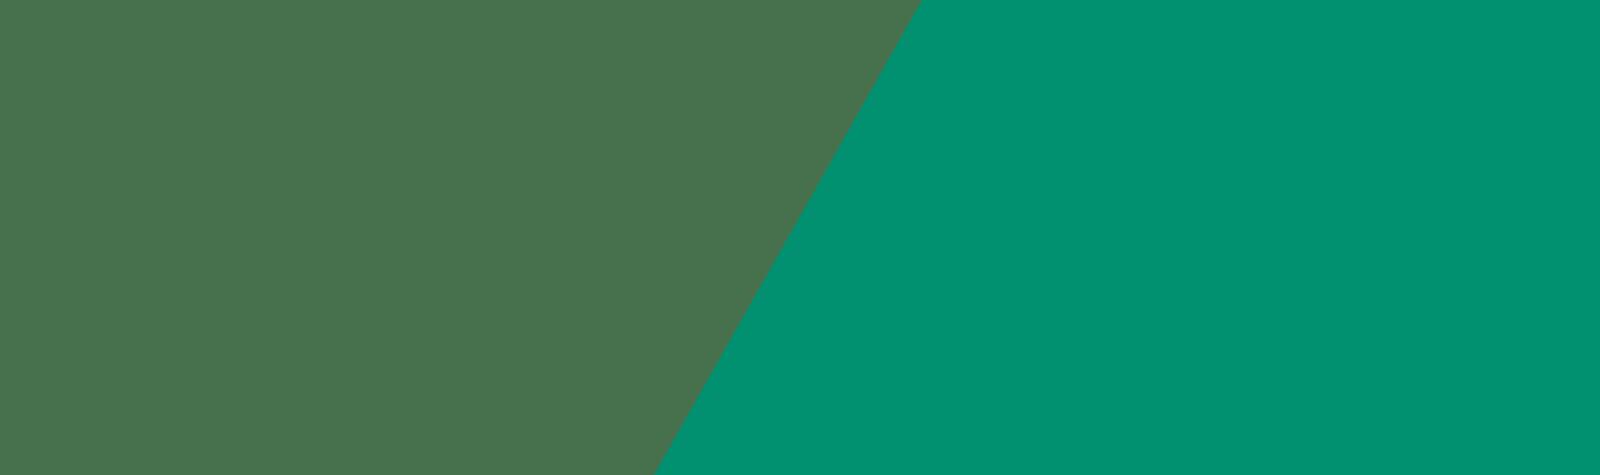 Прямоугольник с углом